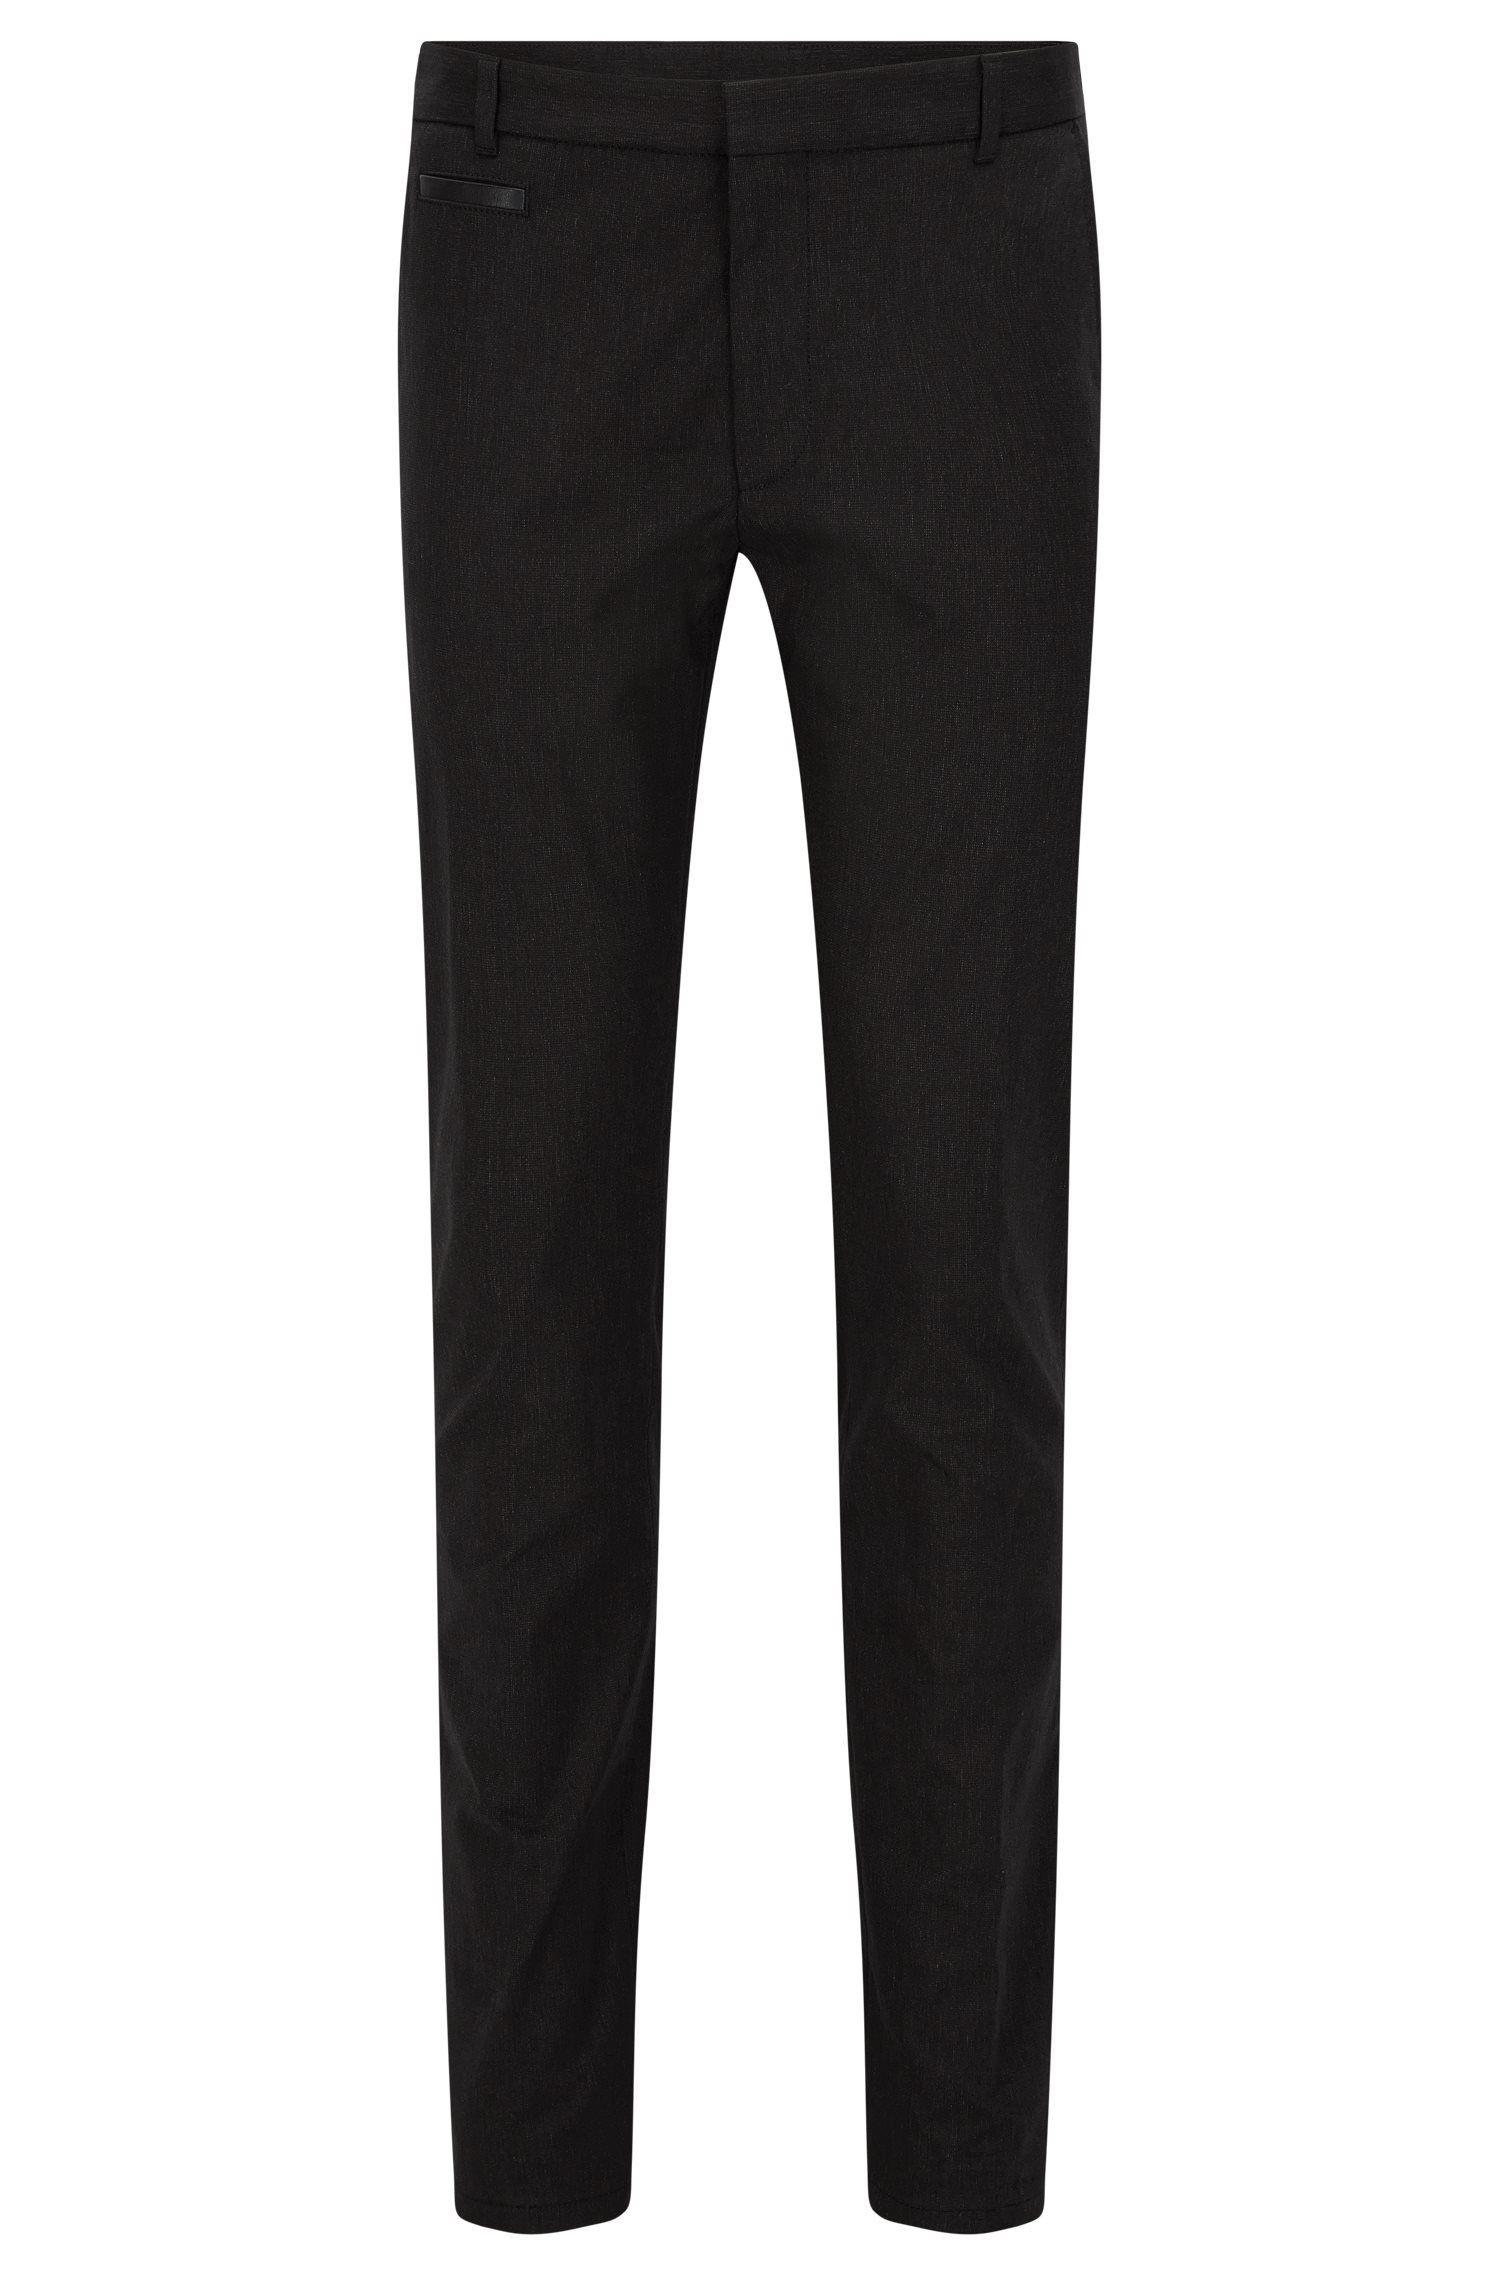 Pantaloni extra slim fit in misto cotone con passamano in pelle